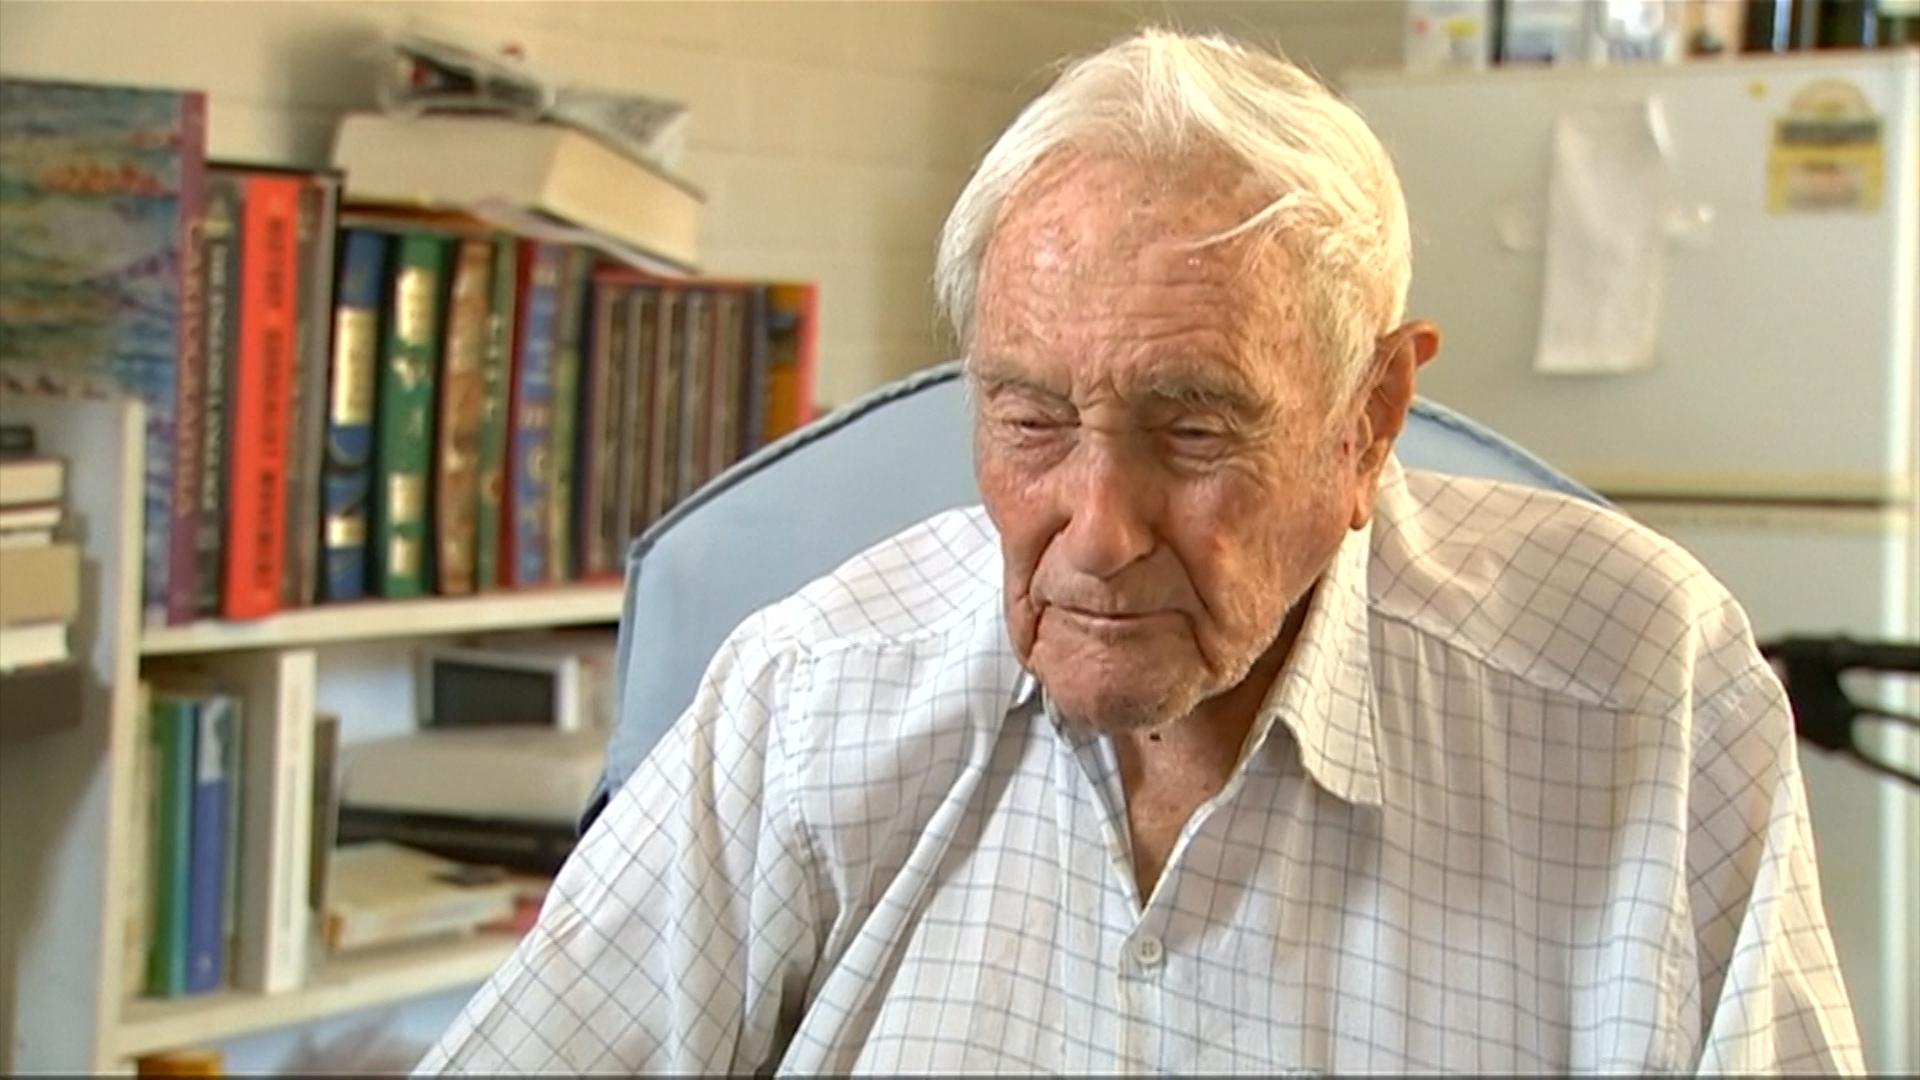 Pria 104 tahun ini ingin segera mengakhiri hidupnya